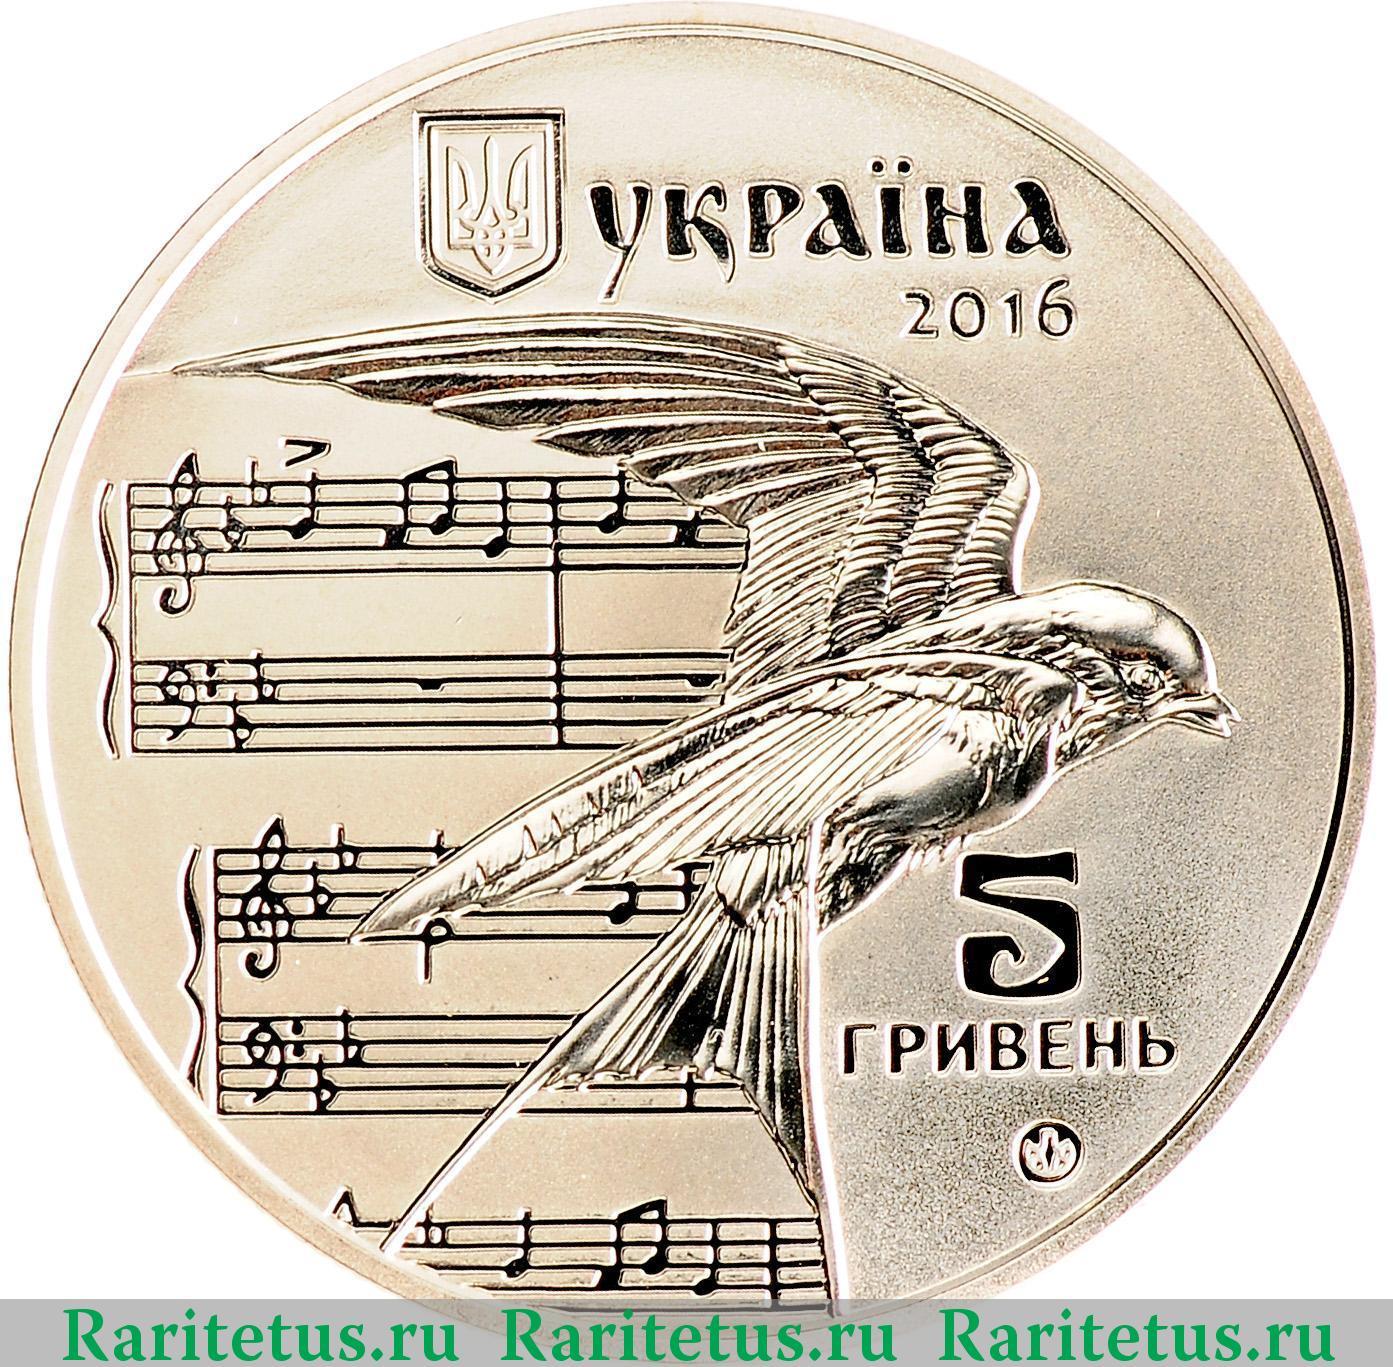 5 гривен щедрик купить 25 рублей сочи цветные